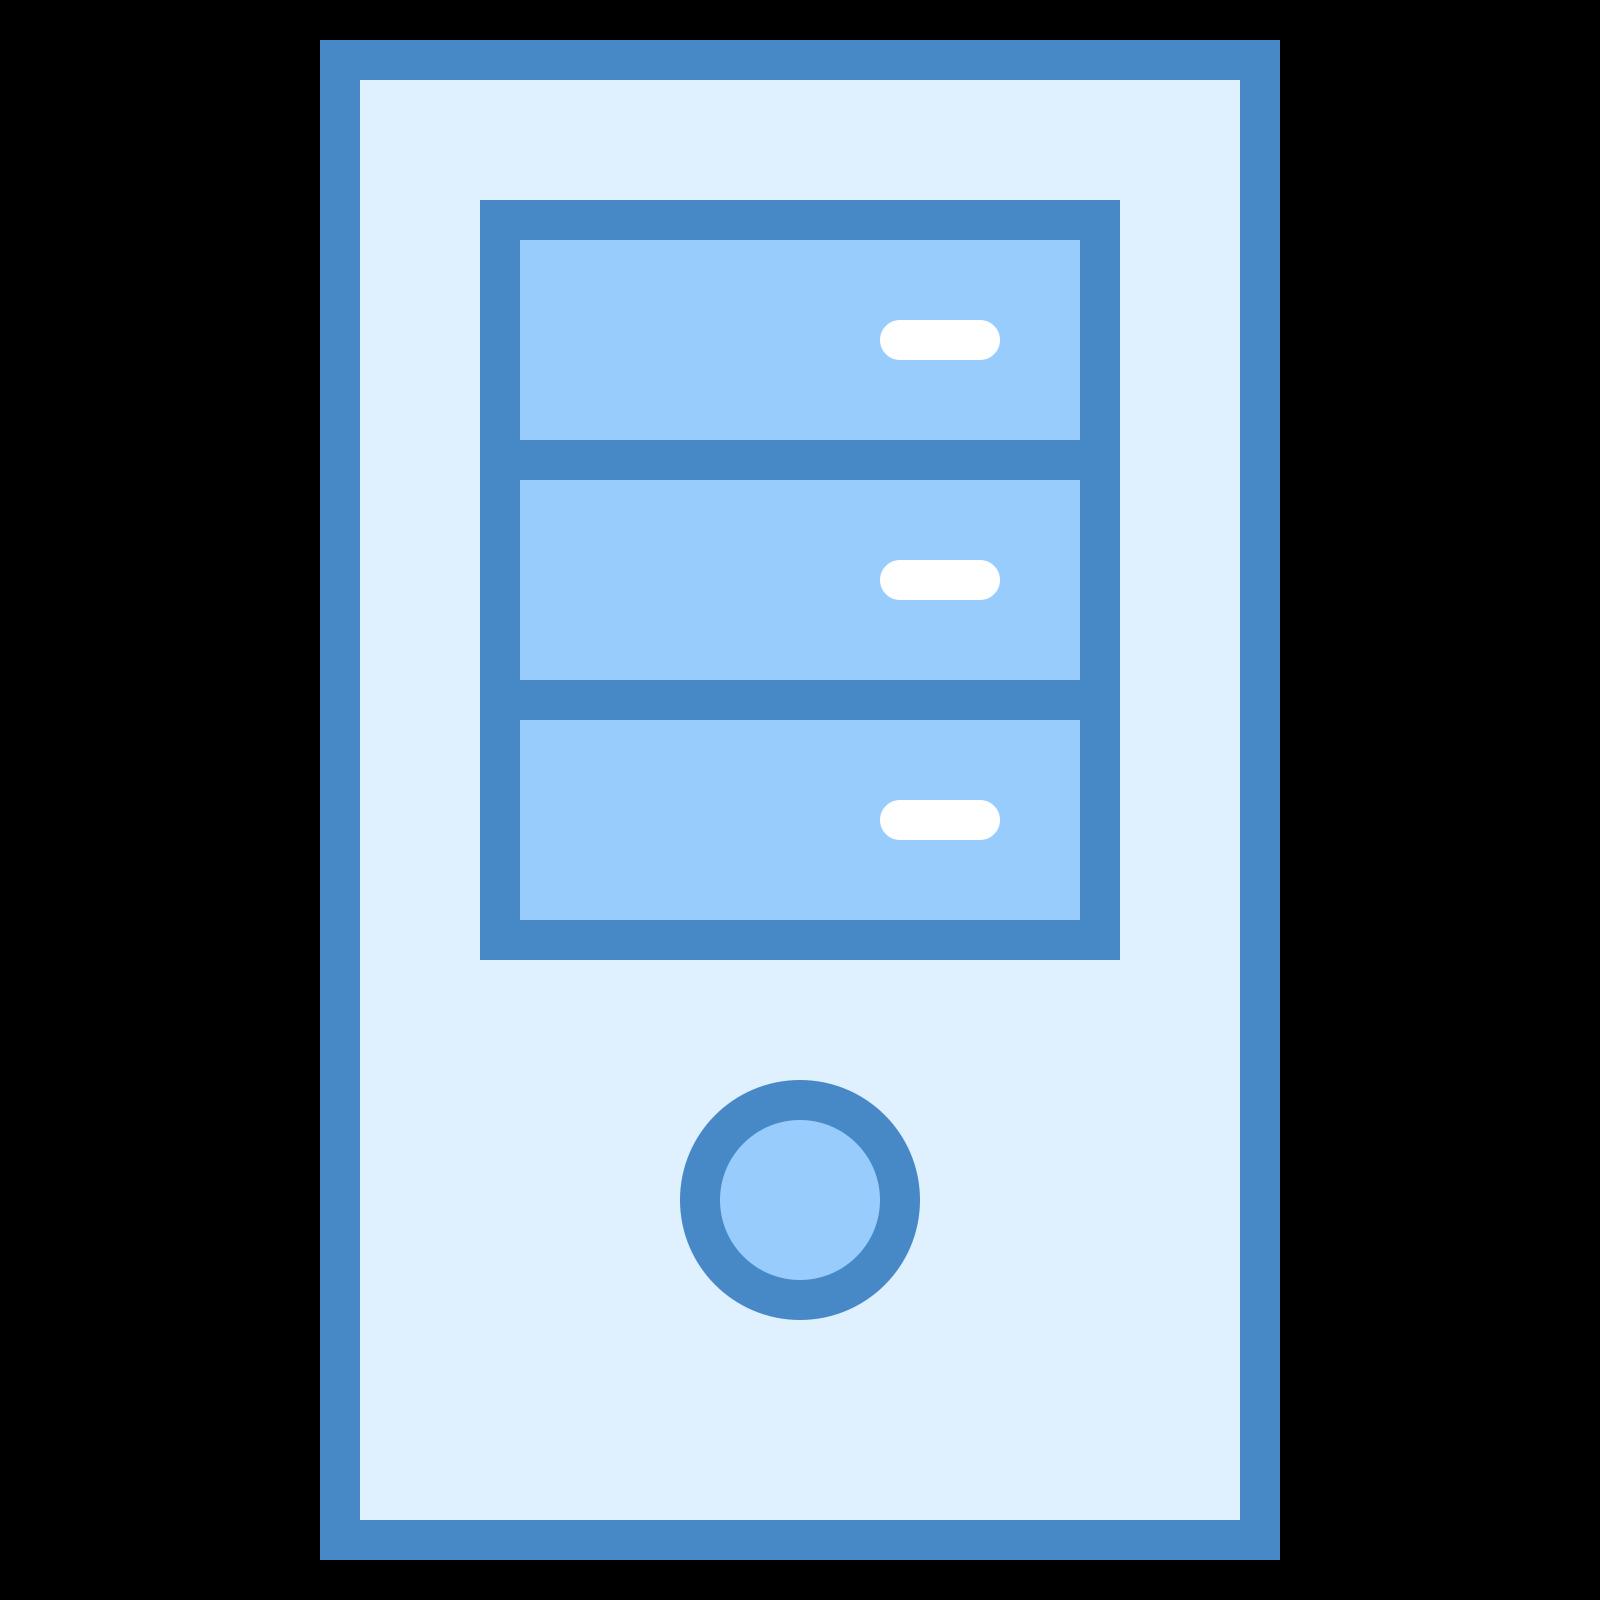 サーバ icon